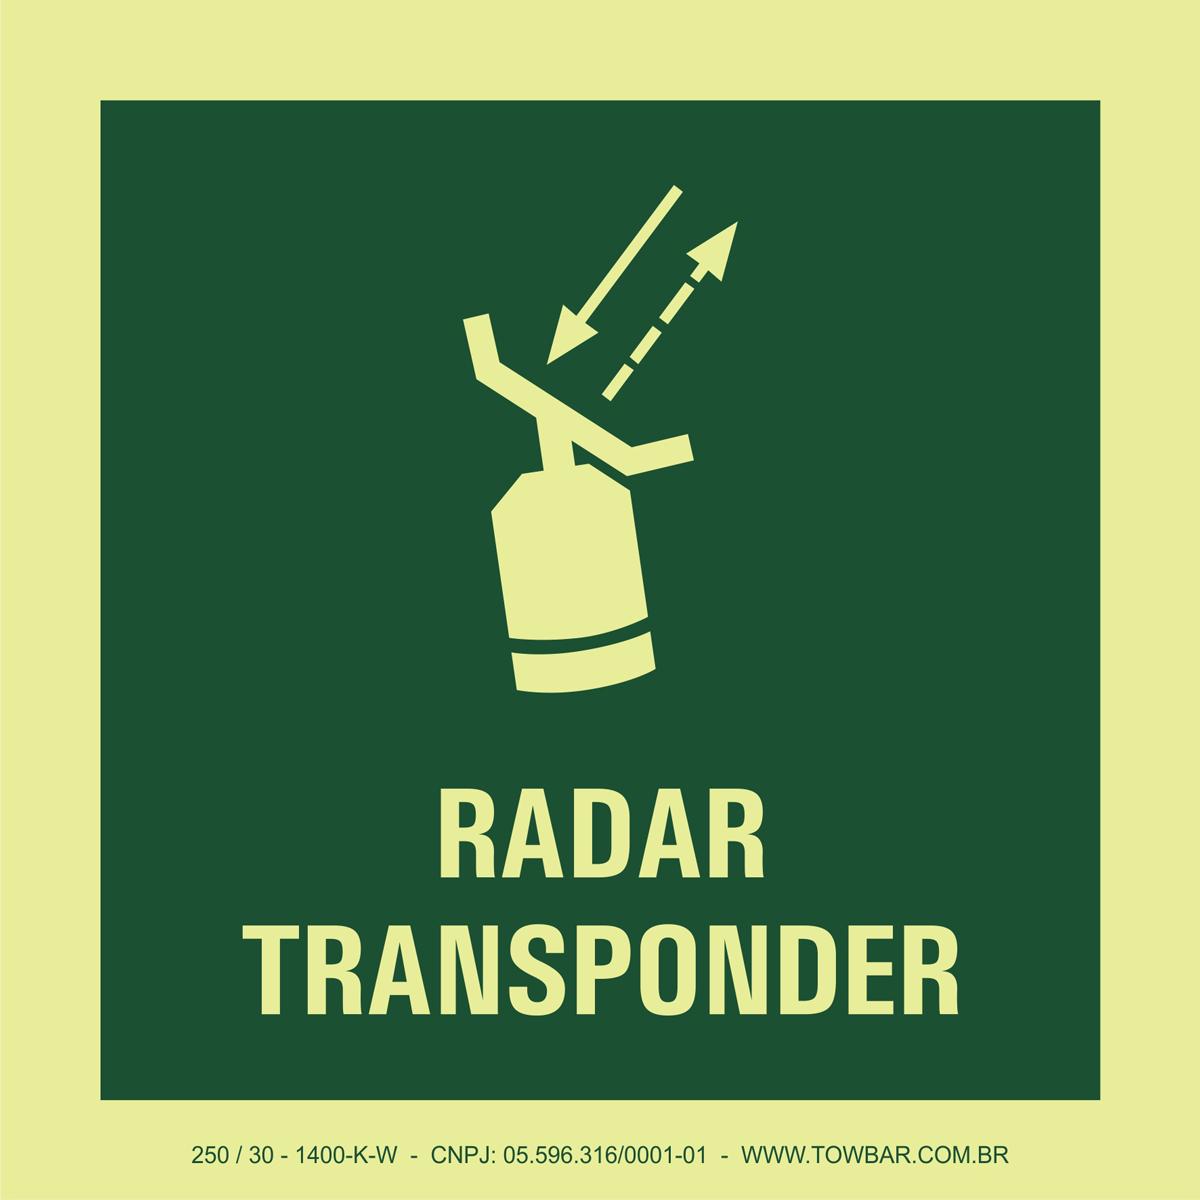 Radar Transponder  - Towbar Sinalização de Segurança